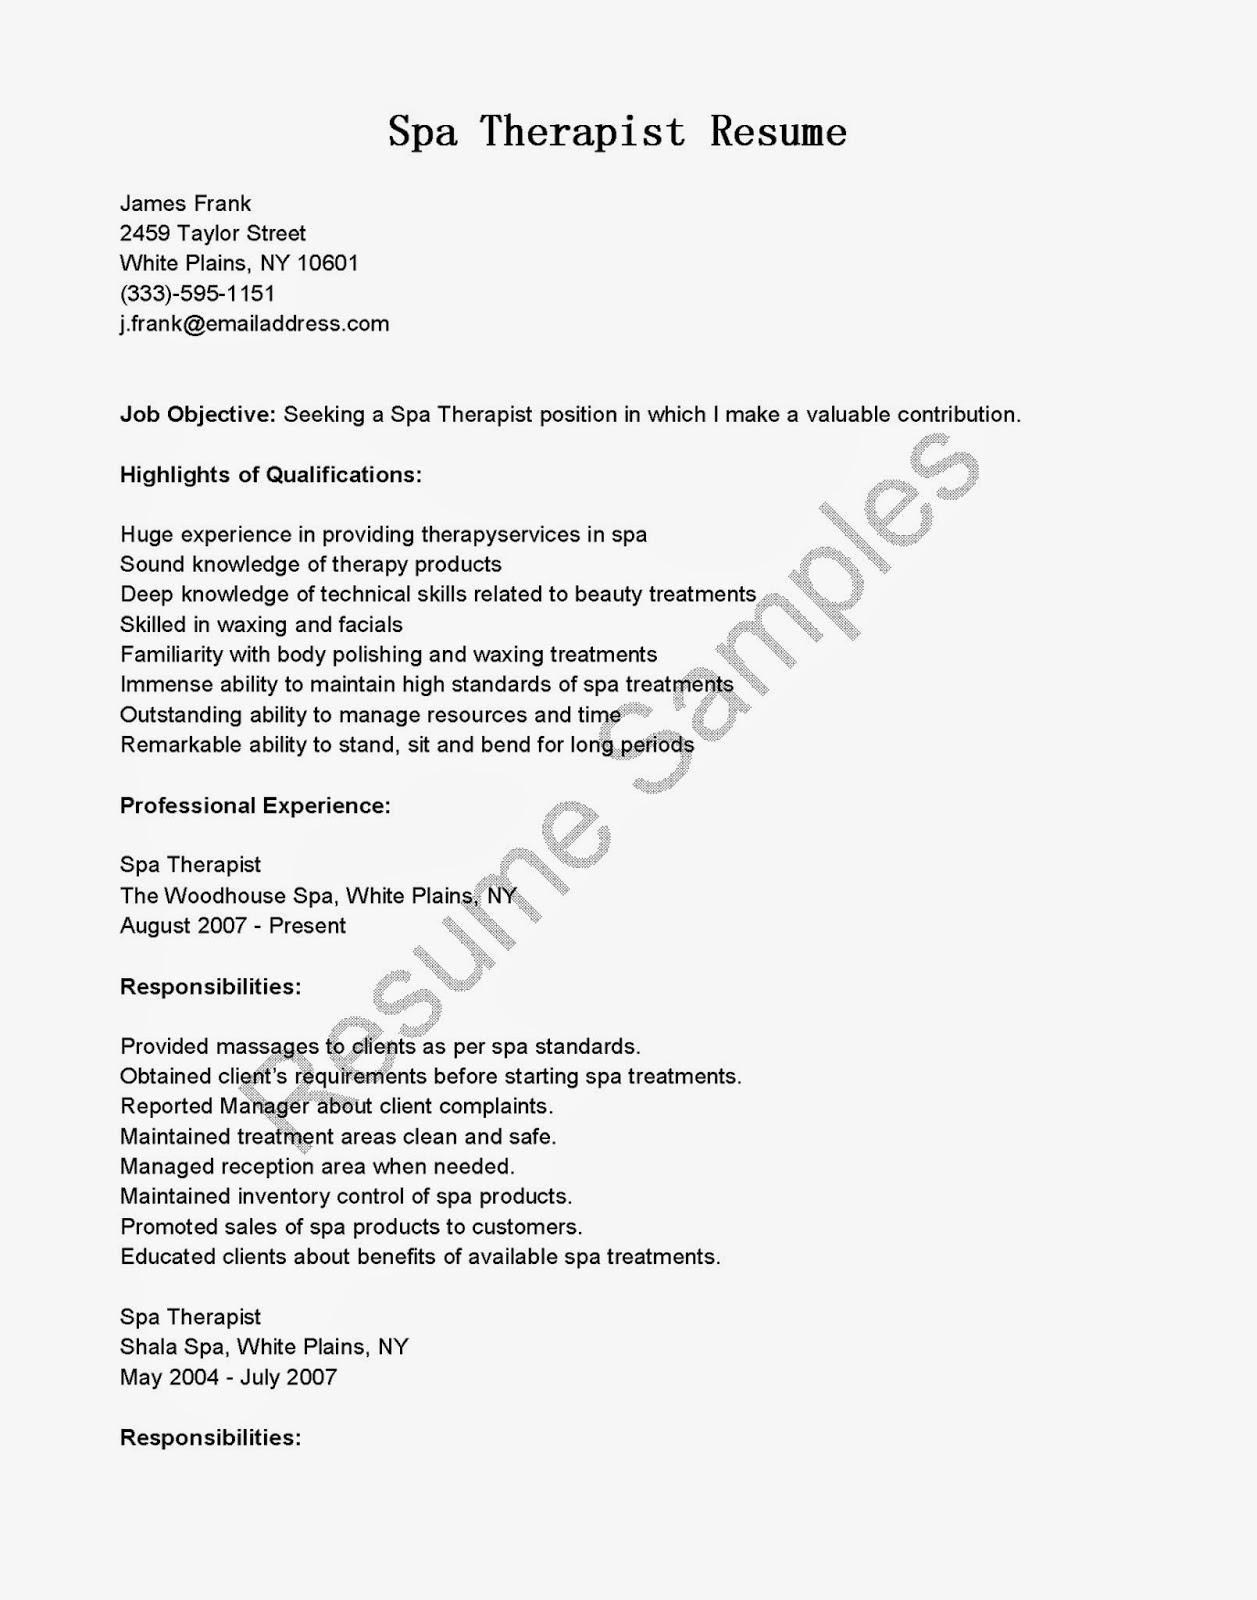 resume samples  spa therapist resume